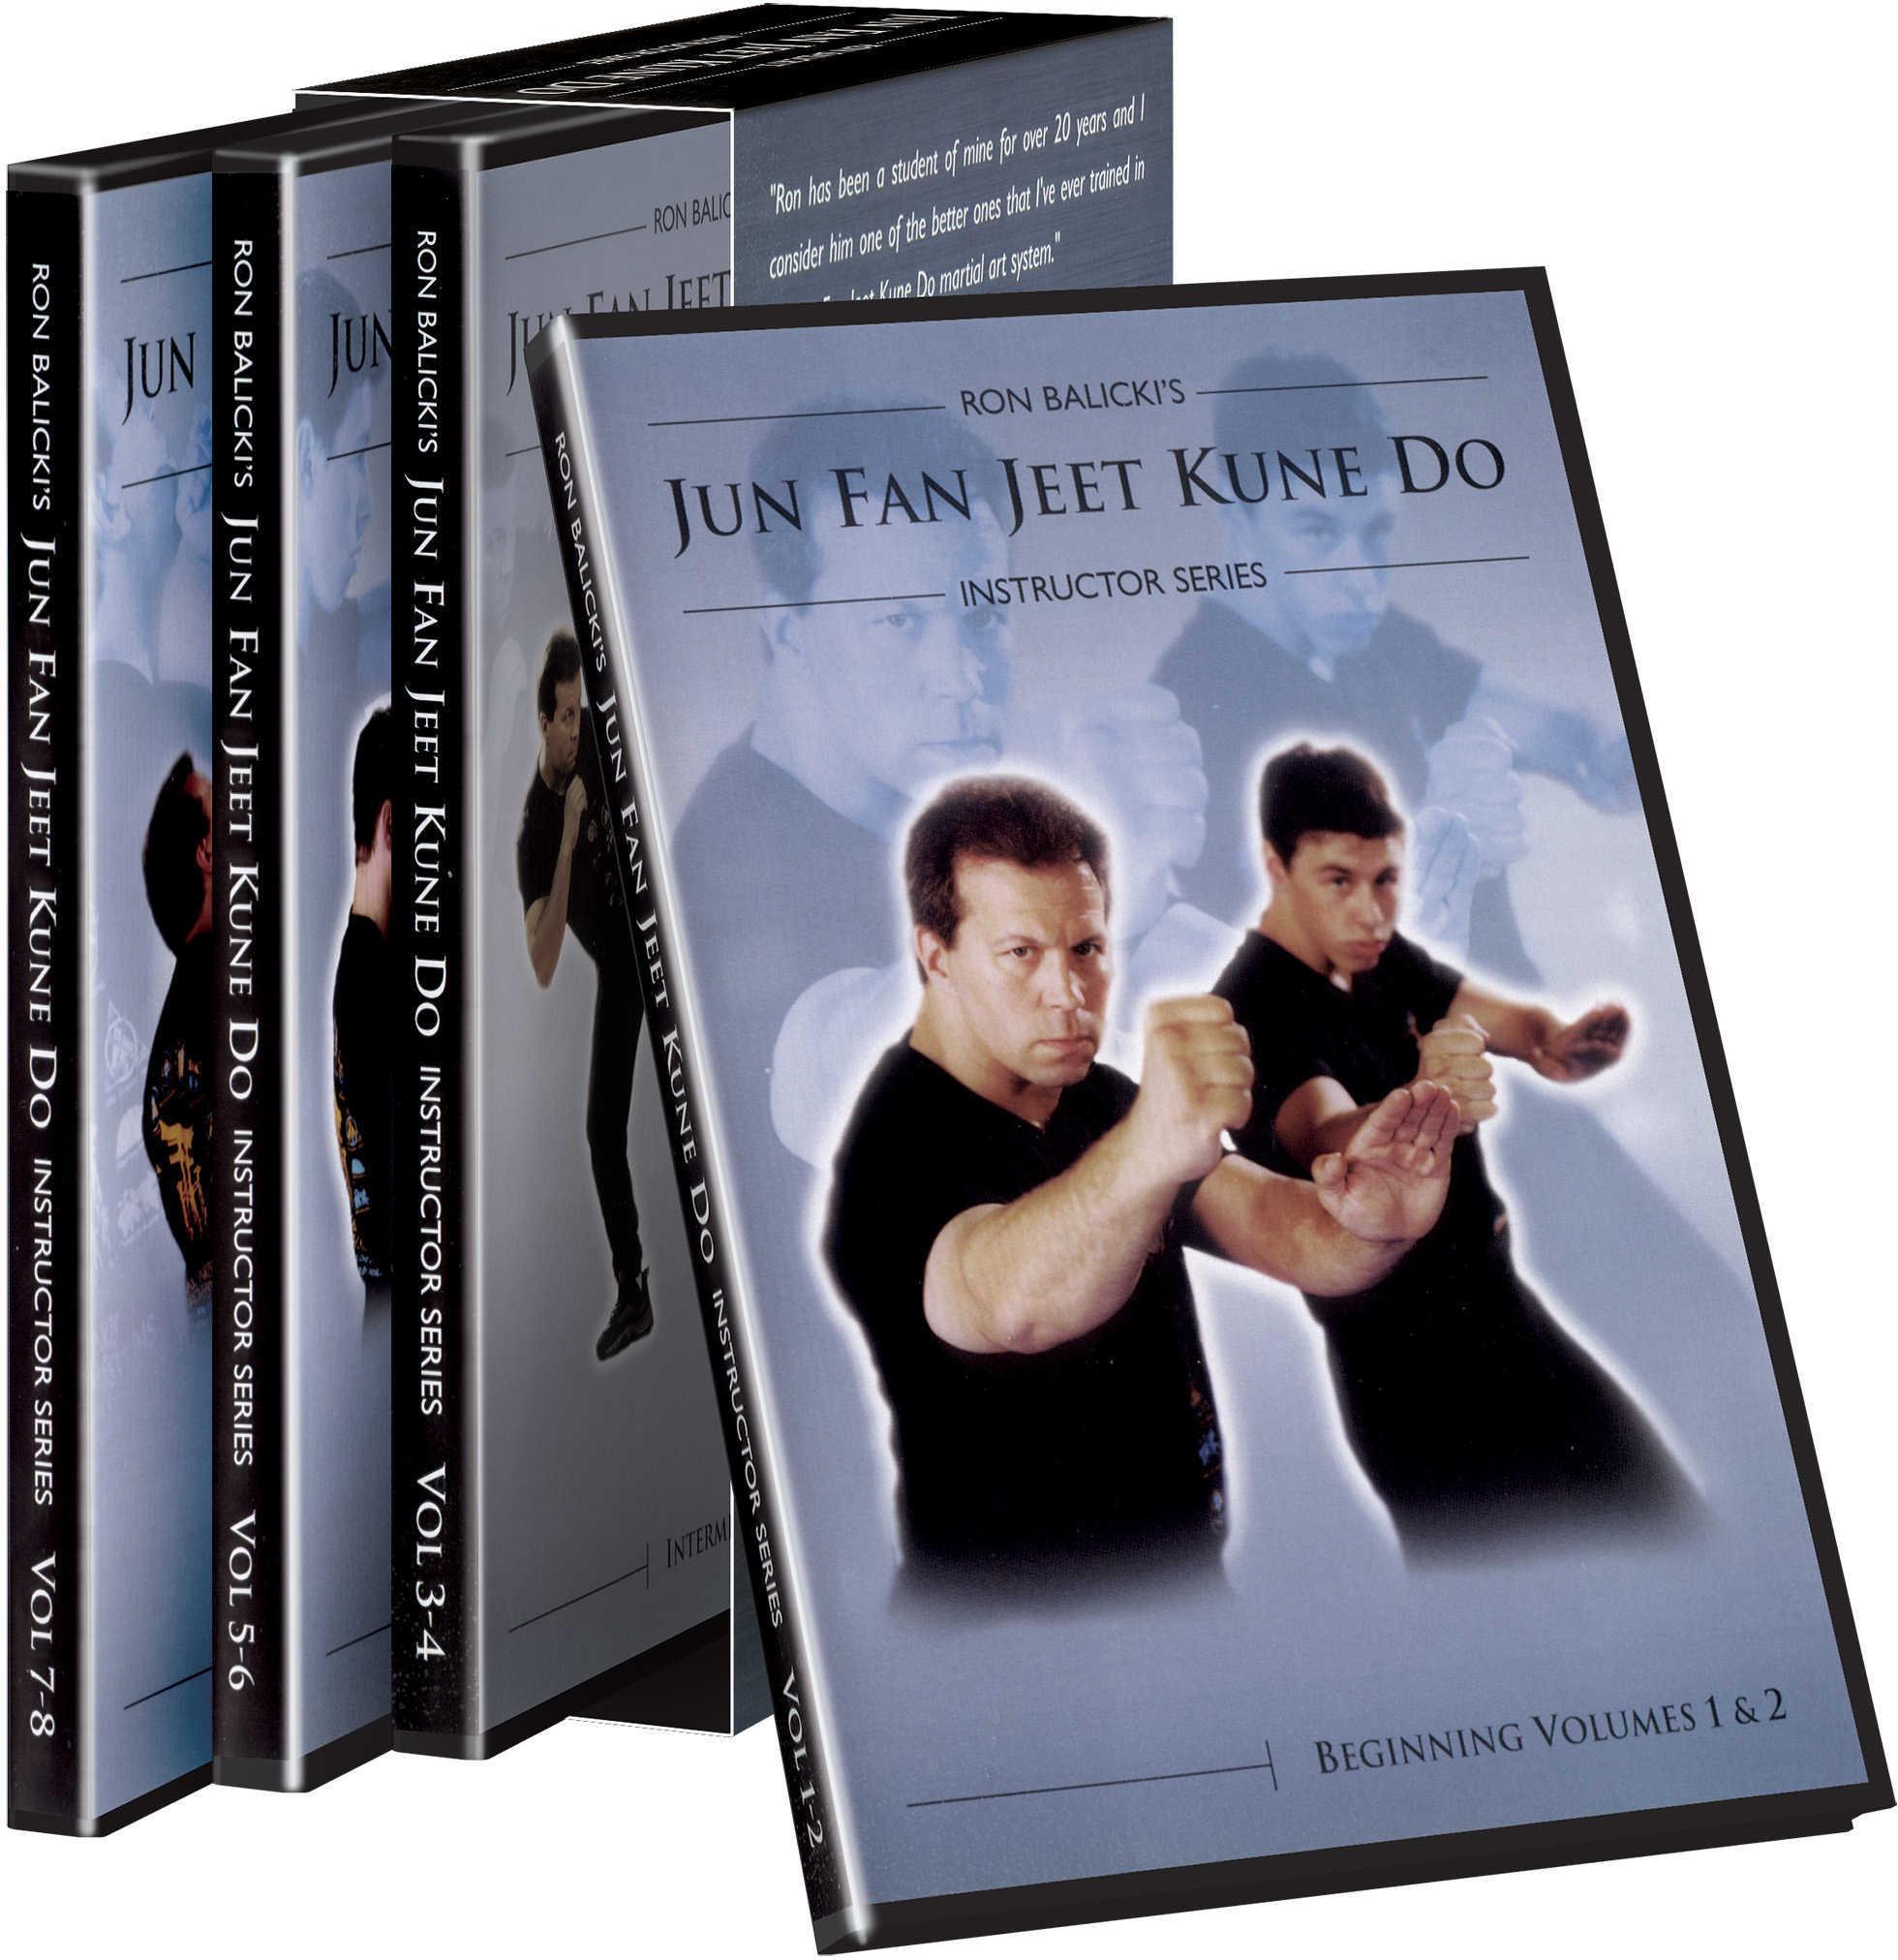 Cold Steel Training DVD Ron Balicki's Jun Fan Jeet Kune Do Md: VDJKD